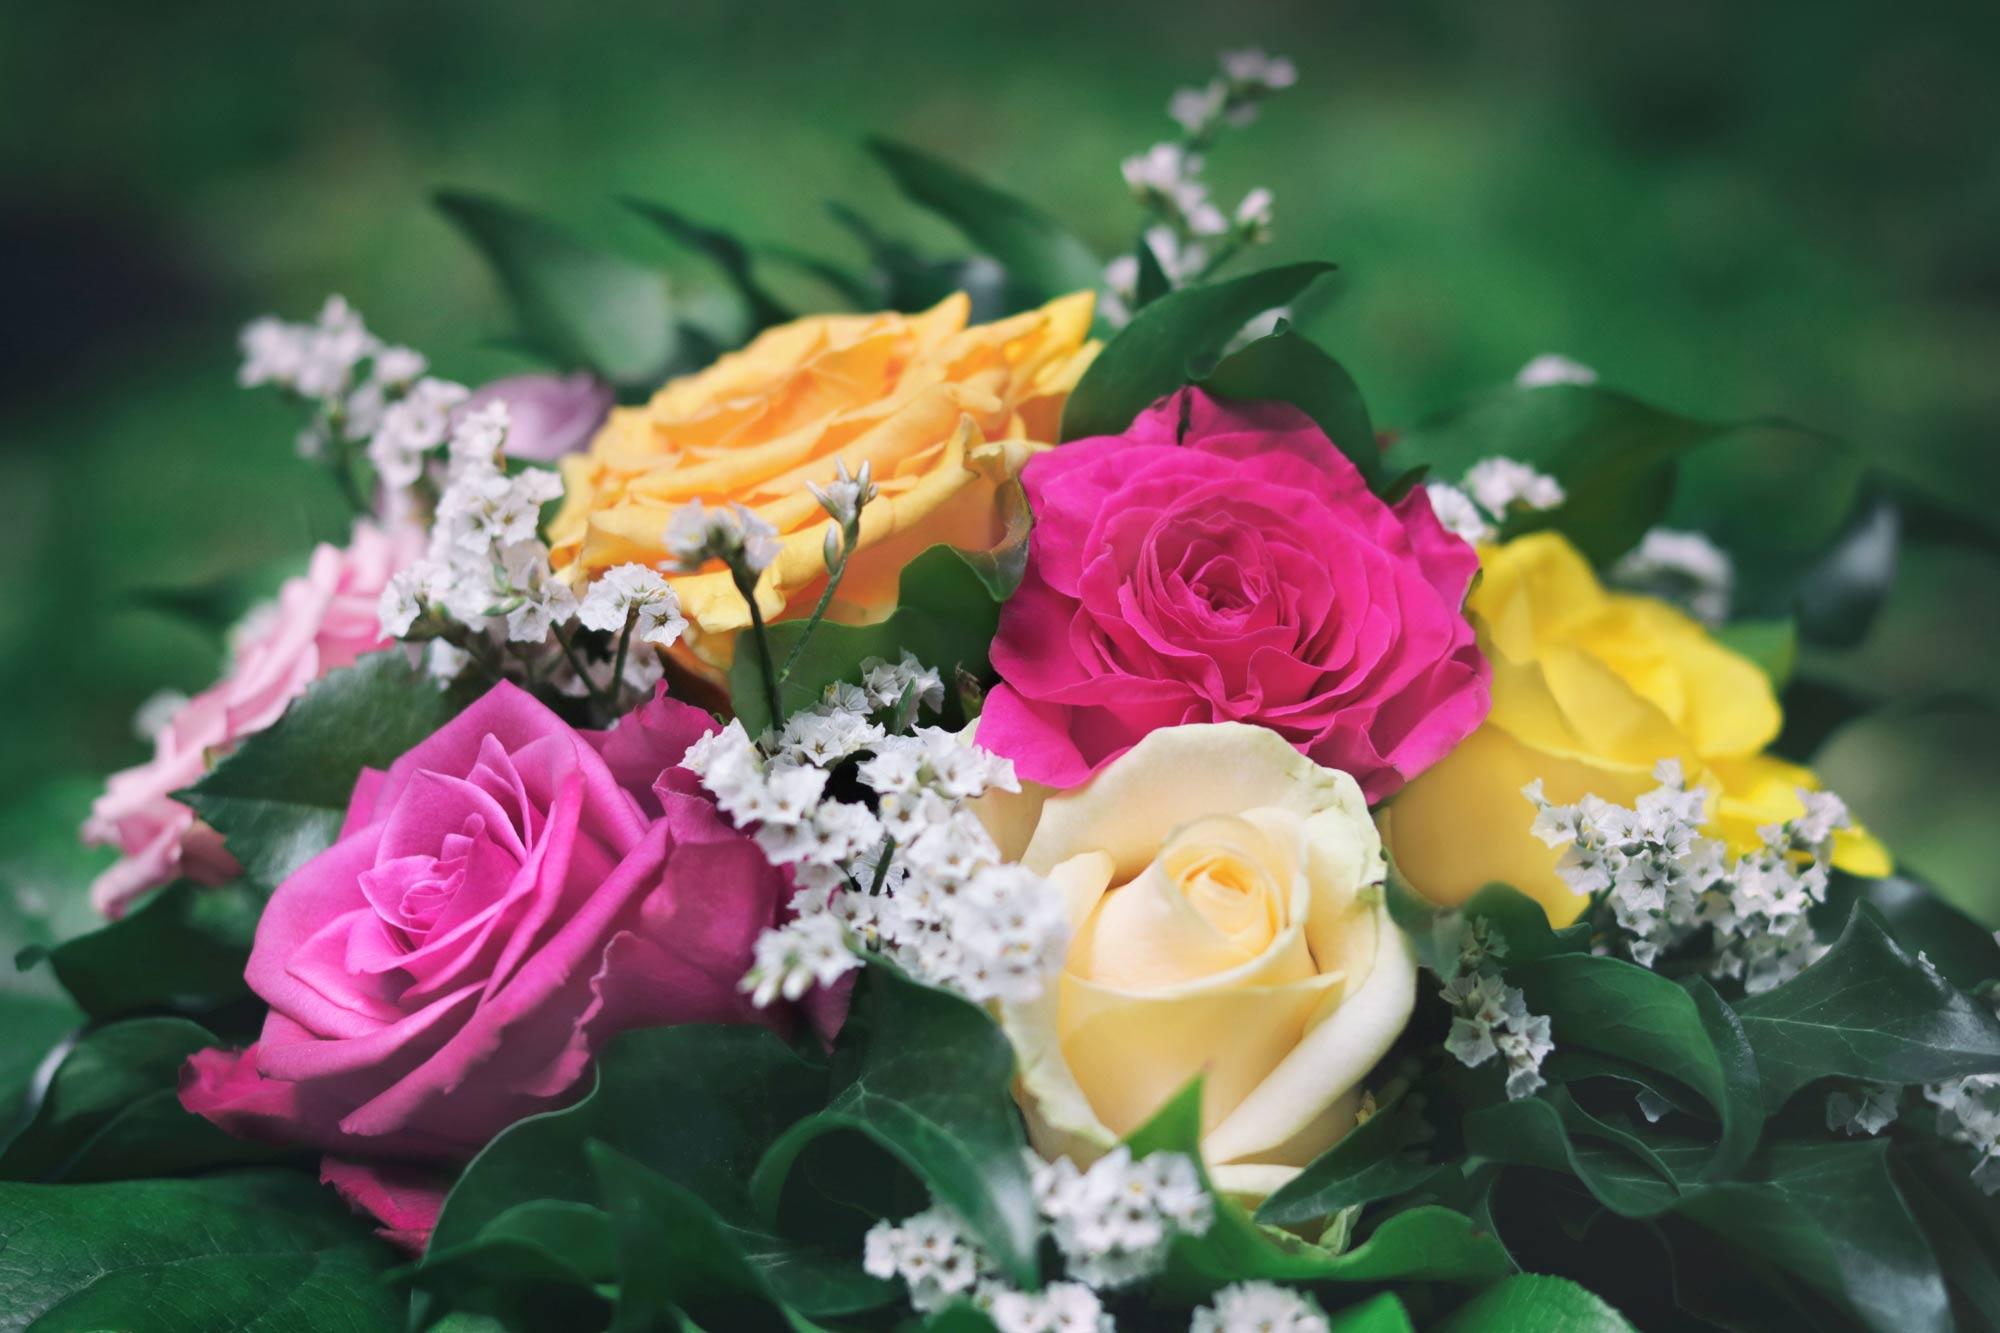 Blumenstrauß Rosen - Kostenlose Bilder Download | Titania Foto für Blumenbilder Kostenlos Herunterladen